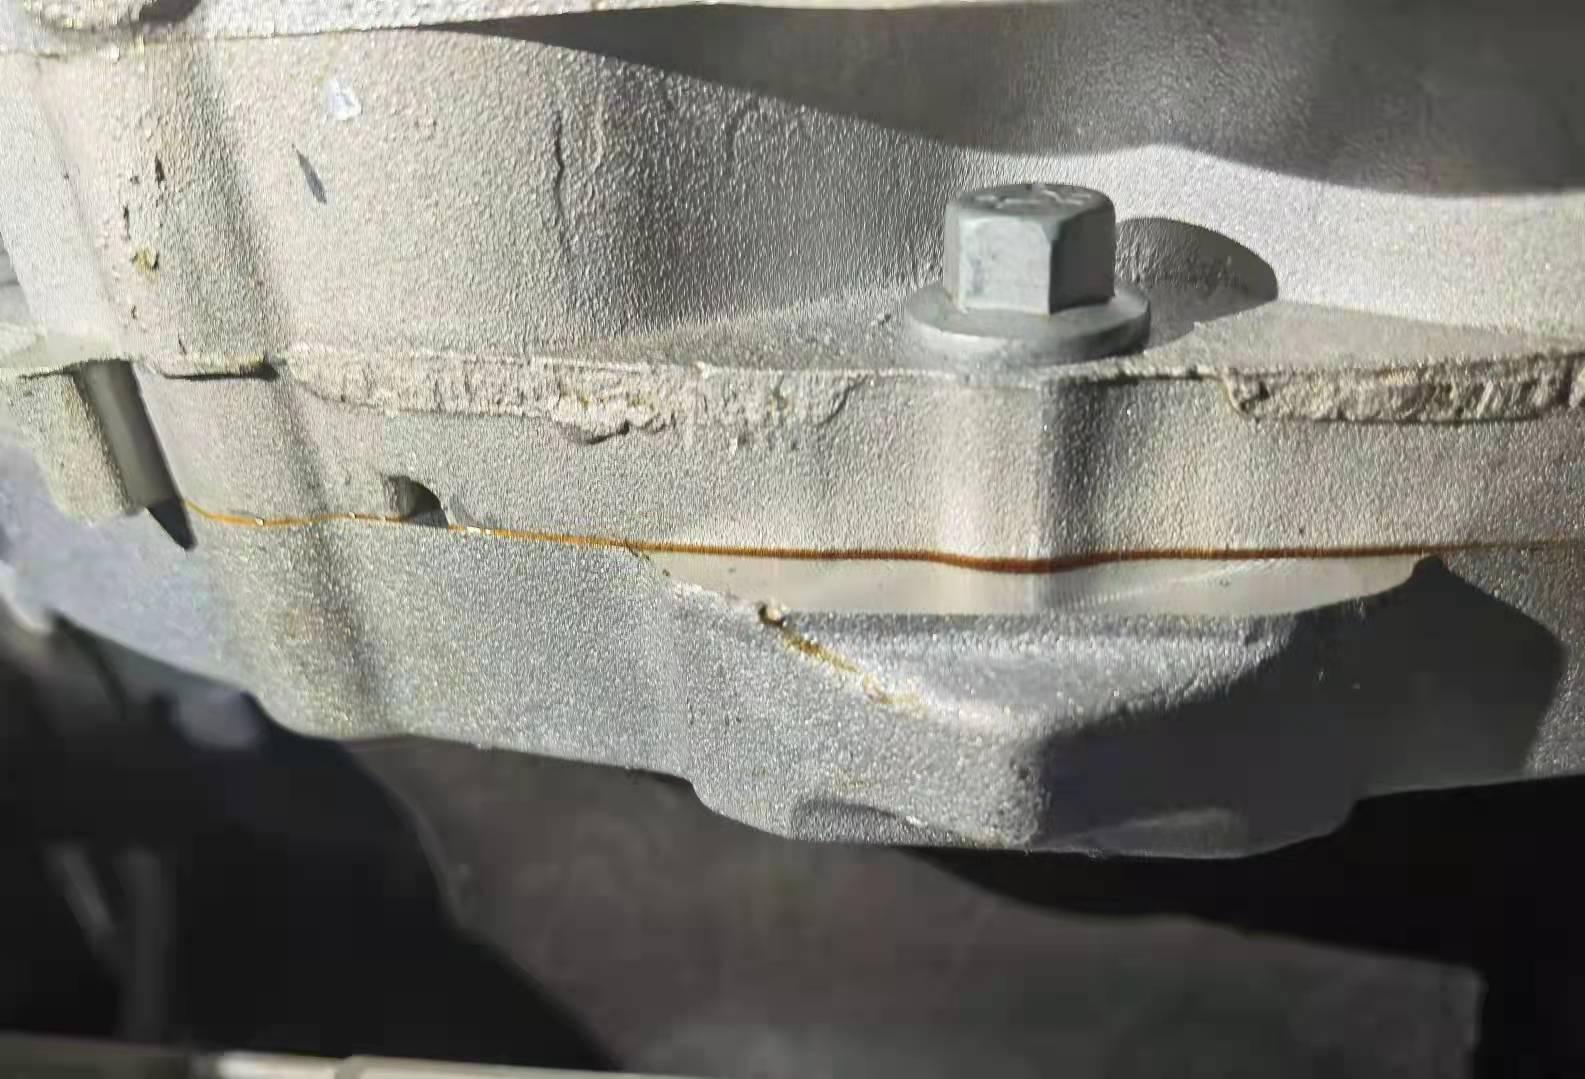 捷豹路虎-XFL新车发动机冷却液漏液和波箱漏油,厂家和4S店经多次维修及更换配件后问题依旧存在